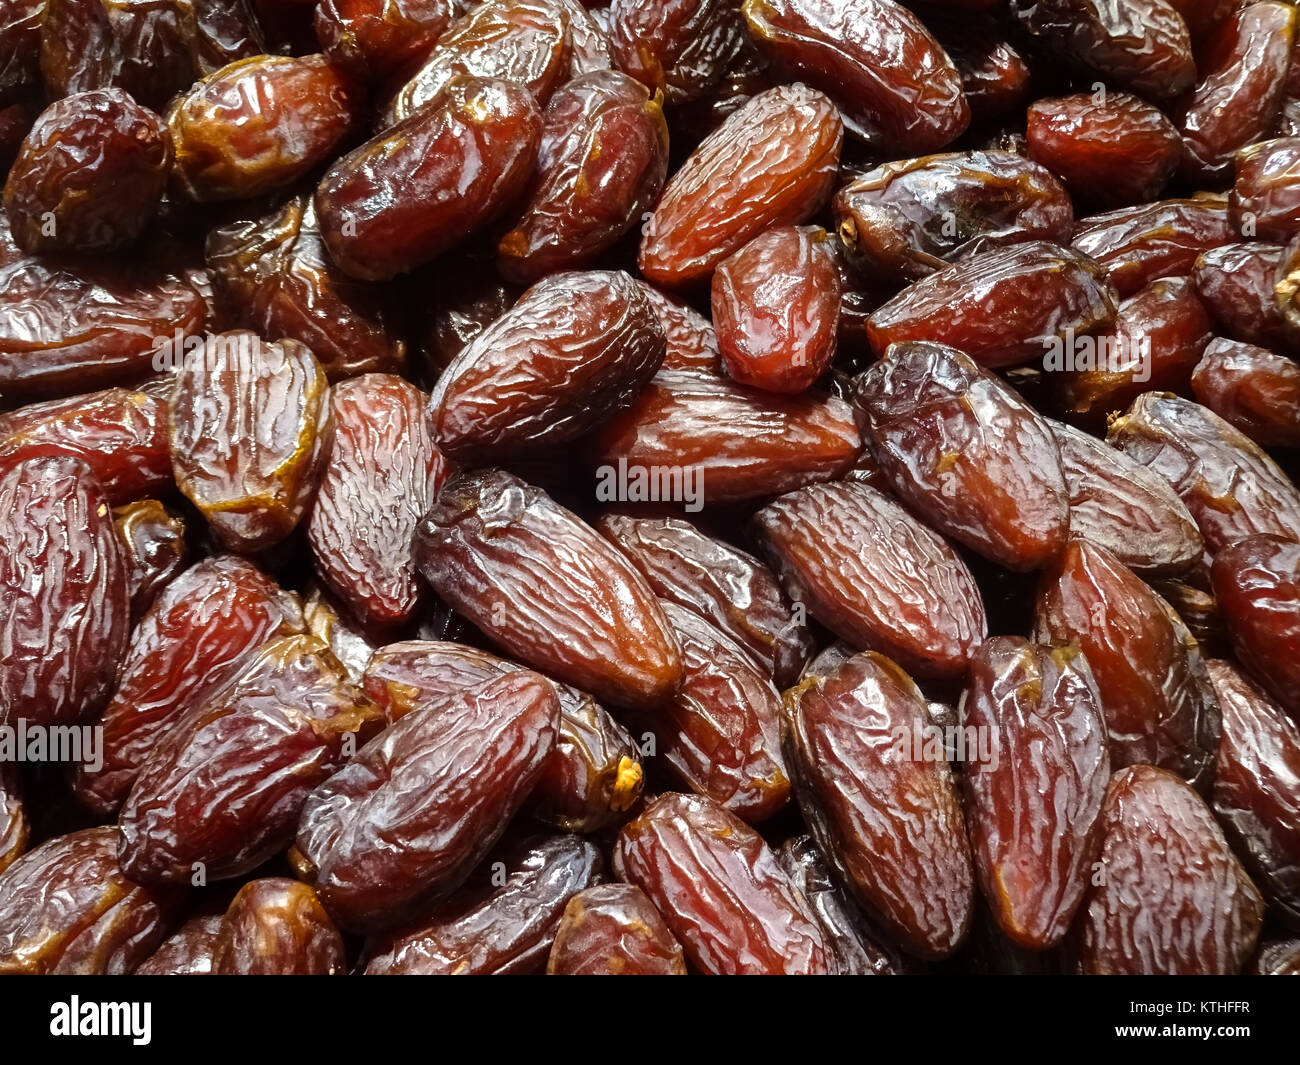 Stapel von Datteln, getrocknete Früchte closeup Datum Stockbild